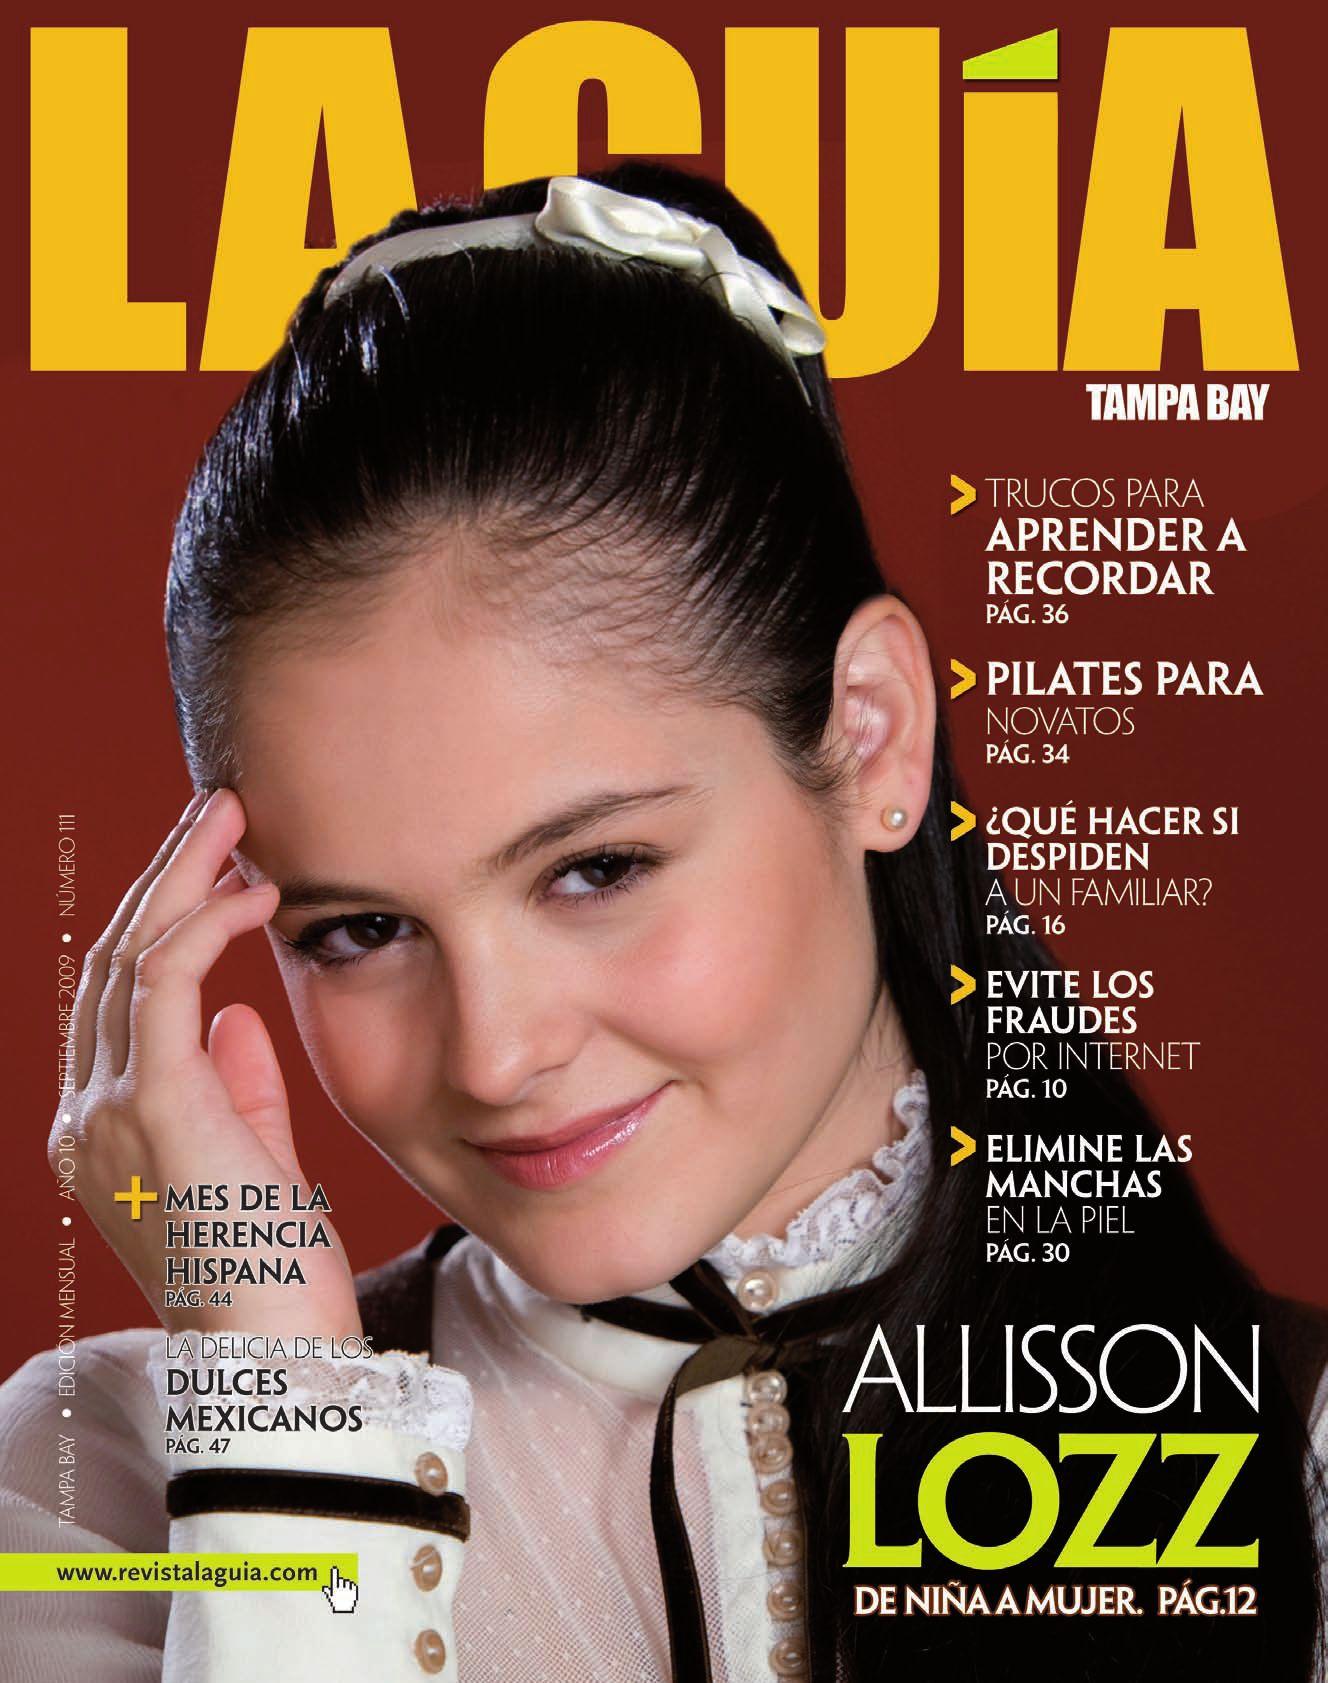 Allisson Lozano la guia tampa bay septiembretv net media group, llc. - issuu